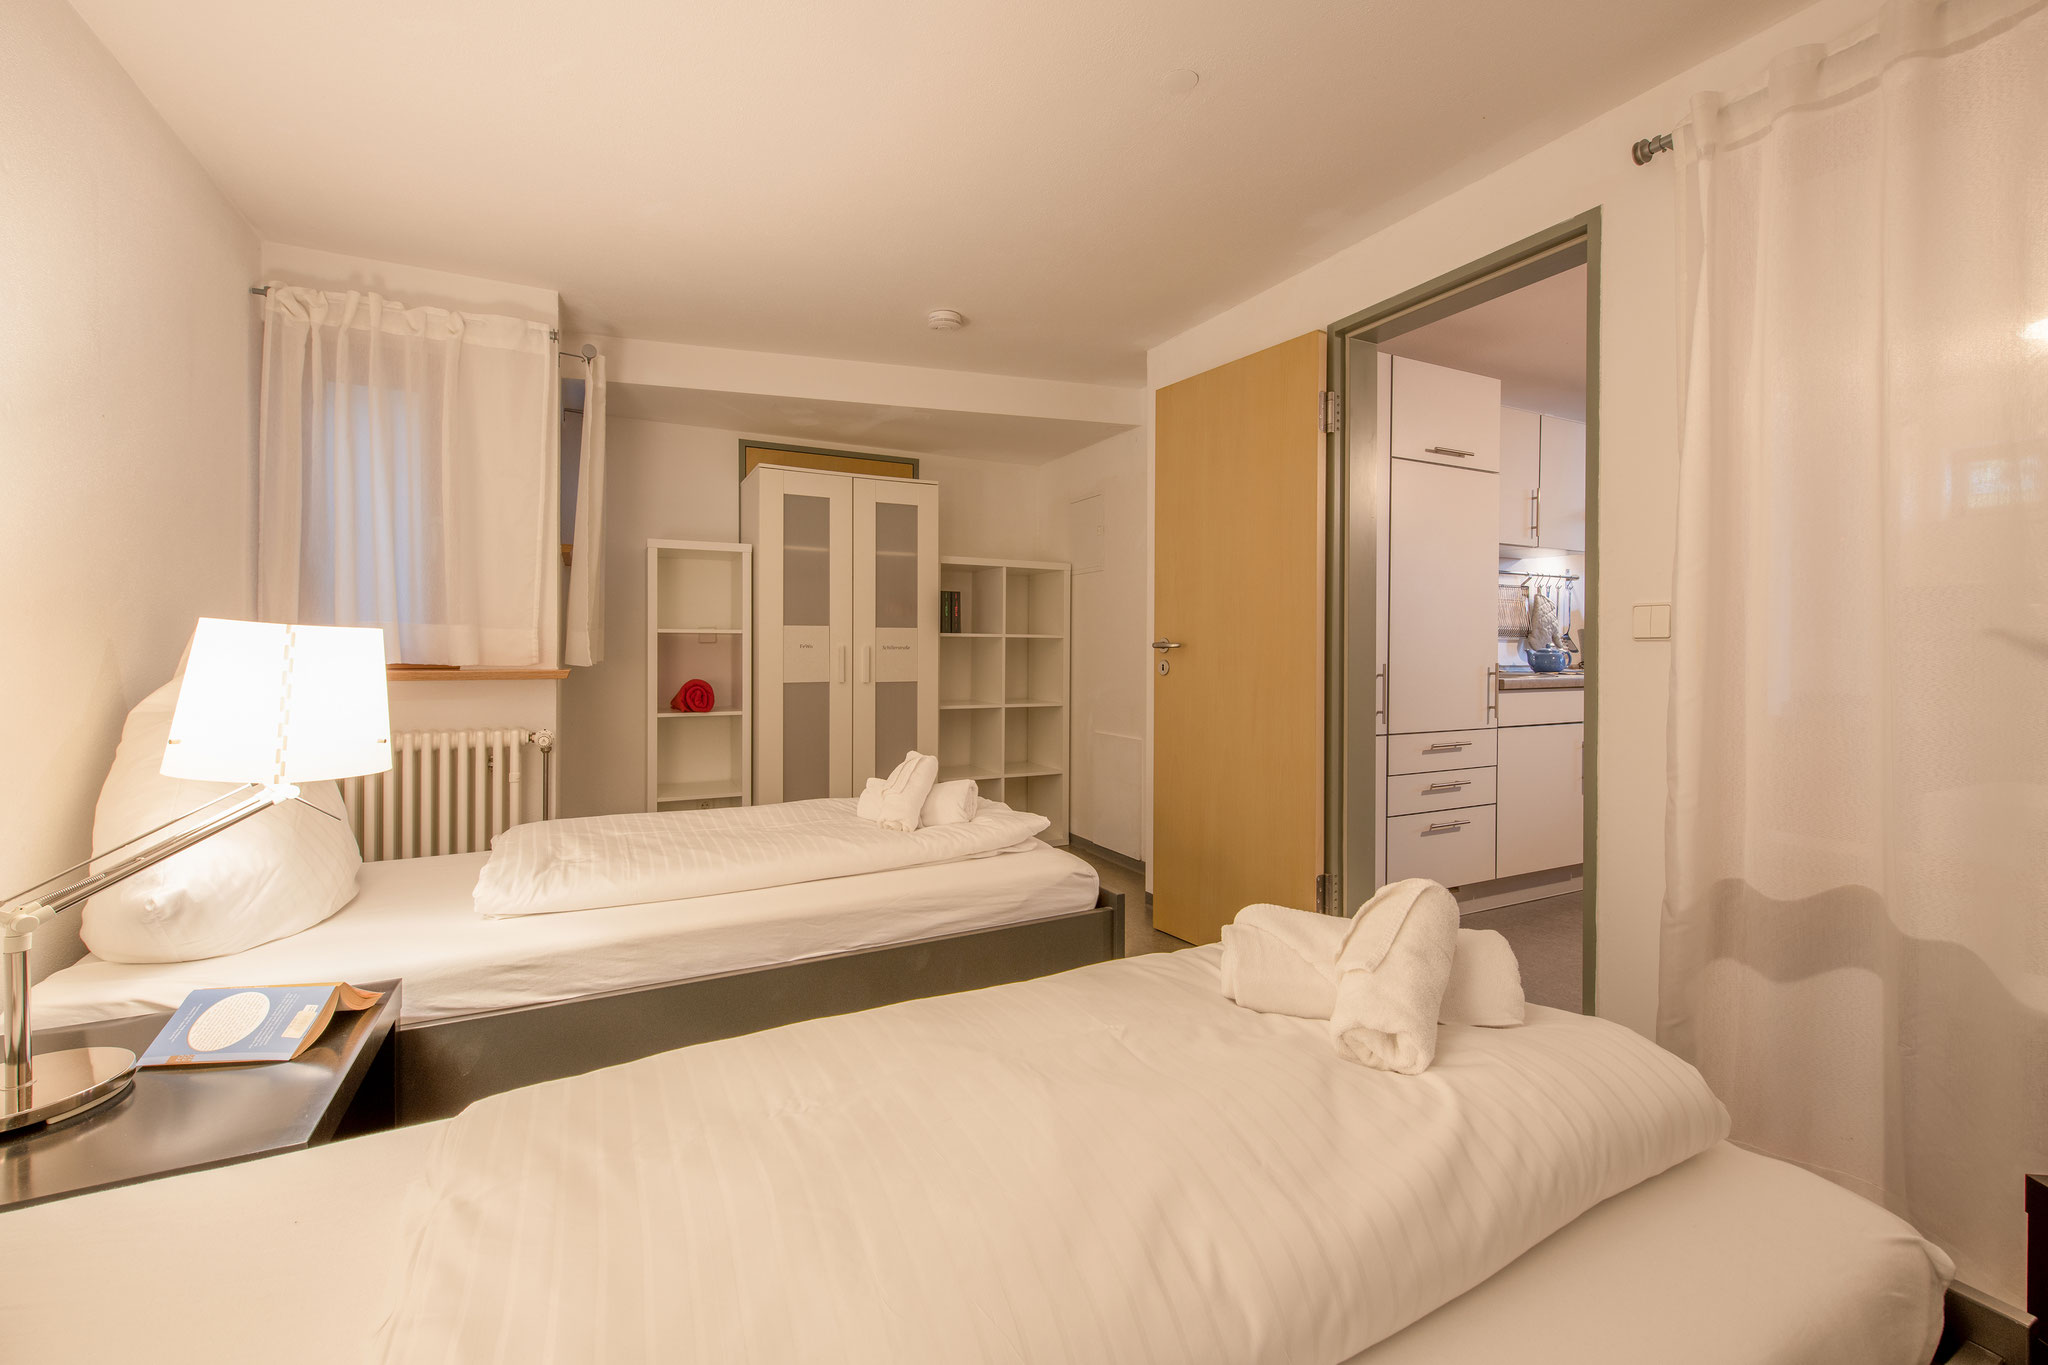 Ferienwohnung am Bodensee: Schillerstraße - Schlafzimmer